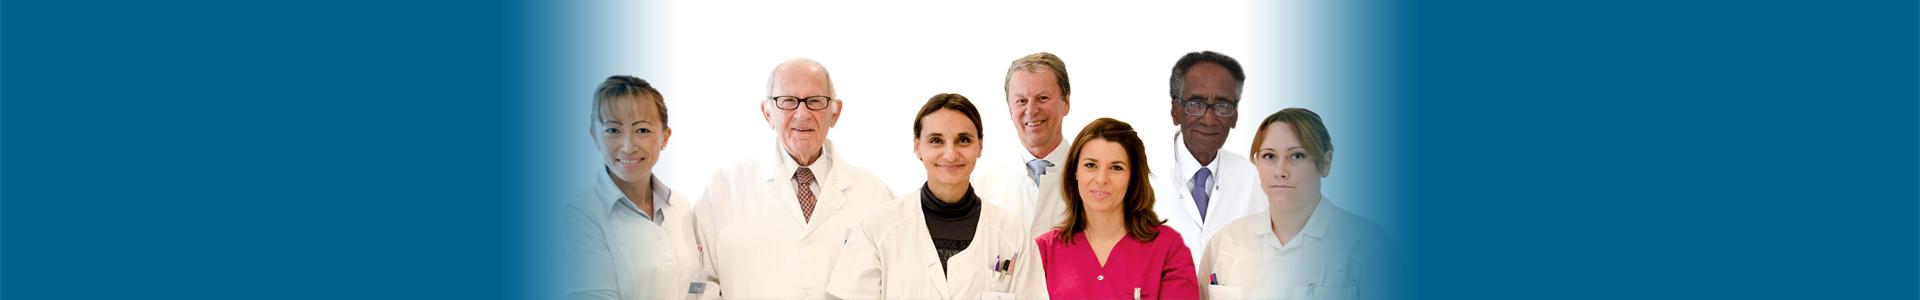 Clinique4